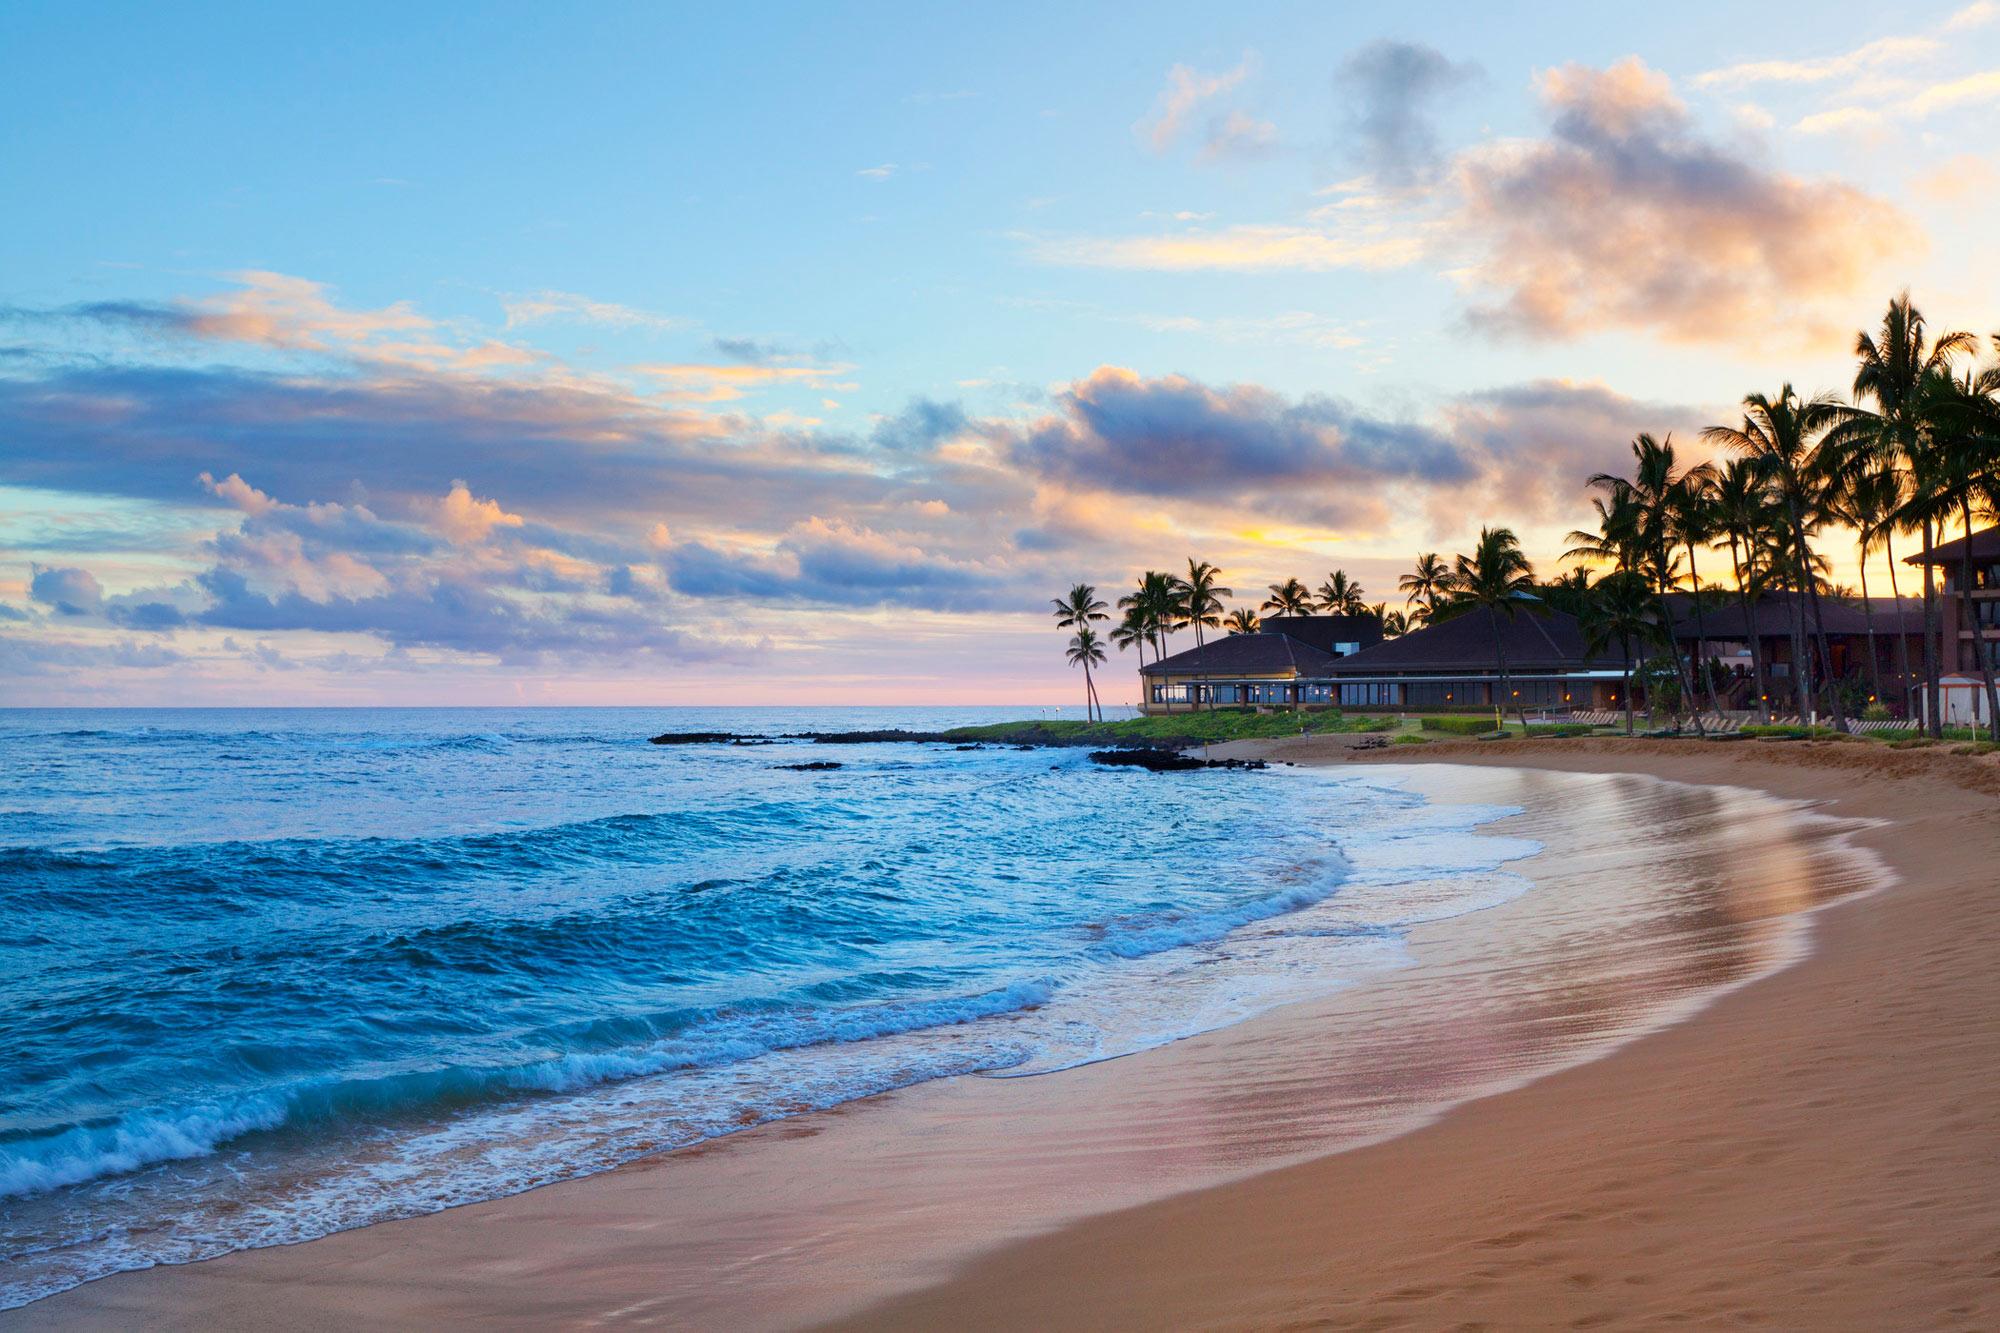 Kauai Resort Beach